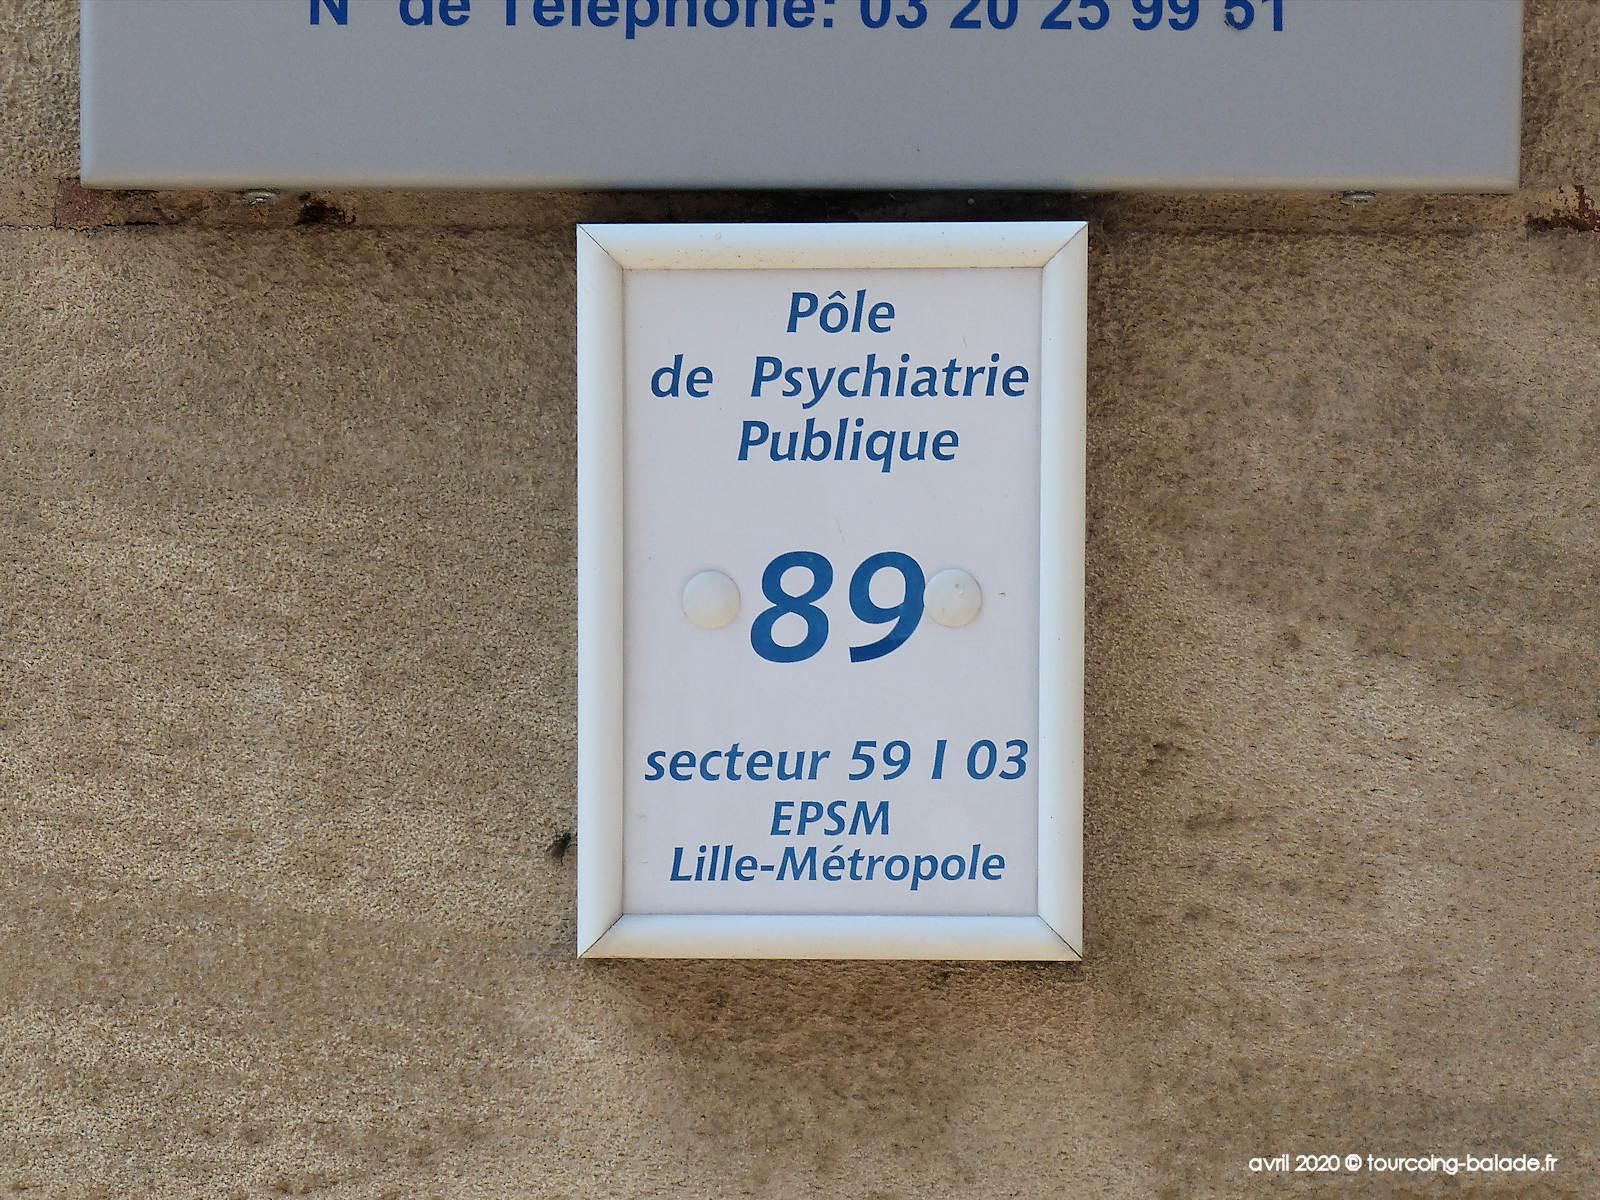 Pôle de Psychiatrie Publique, Tourcoing 2020